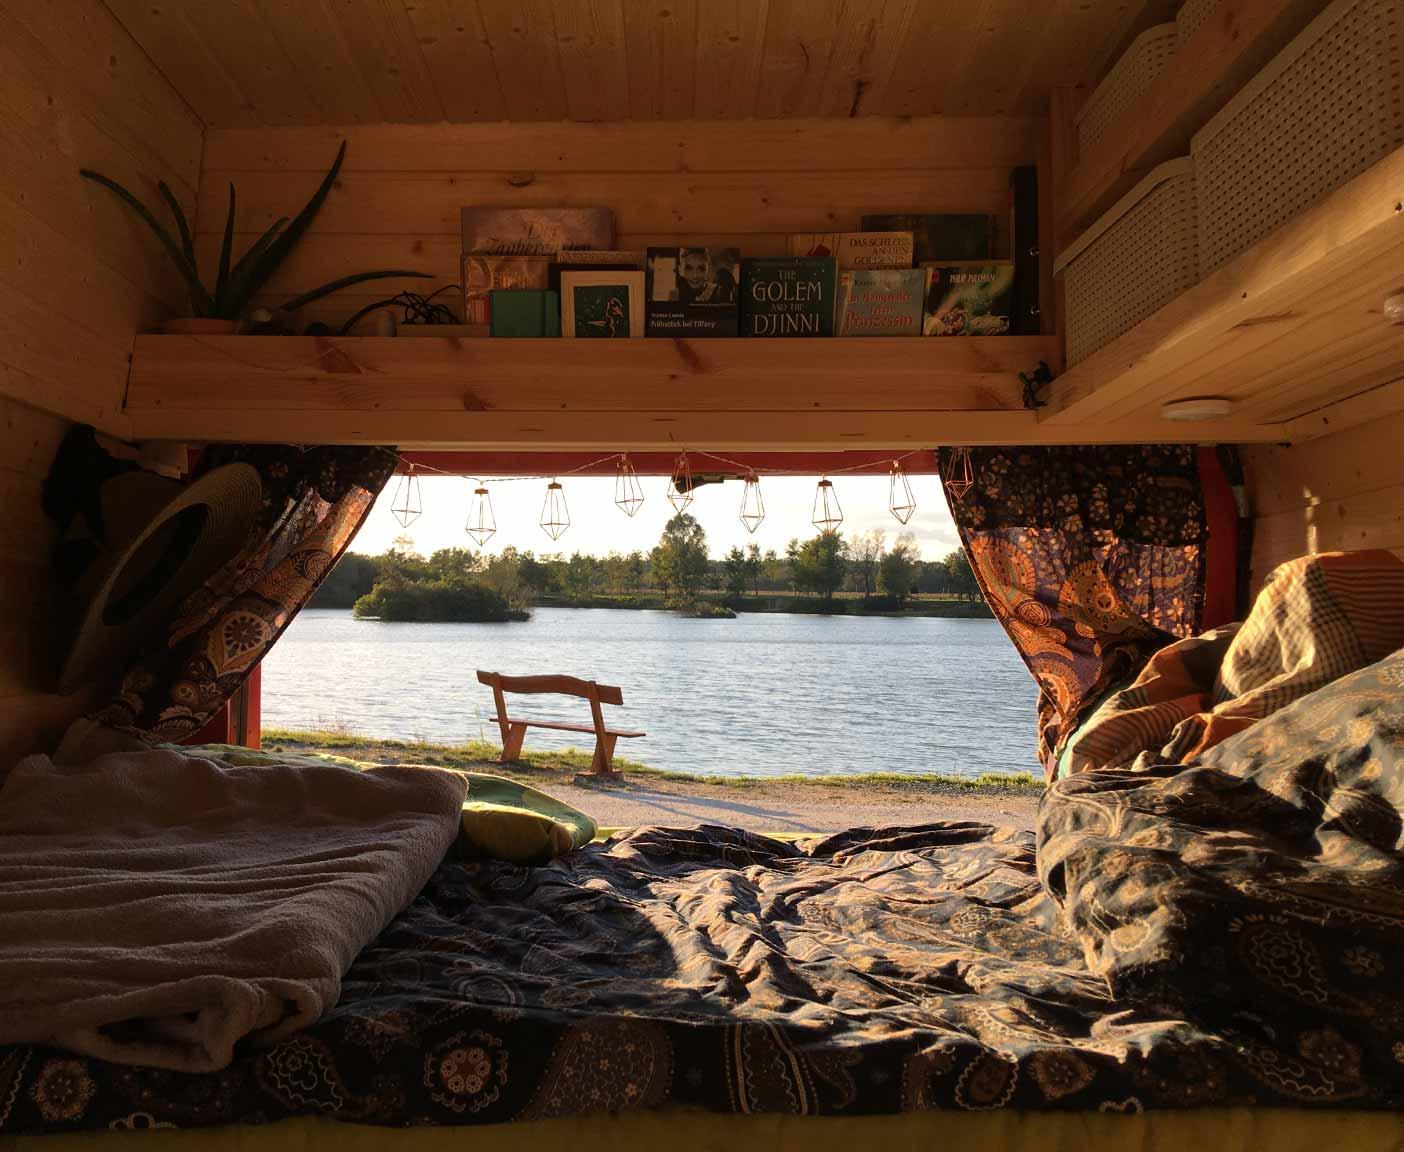 vw-lt-28-wohnmobil-selbstausbau-camper